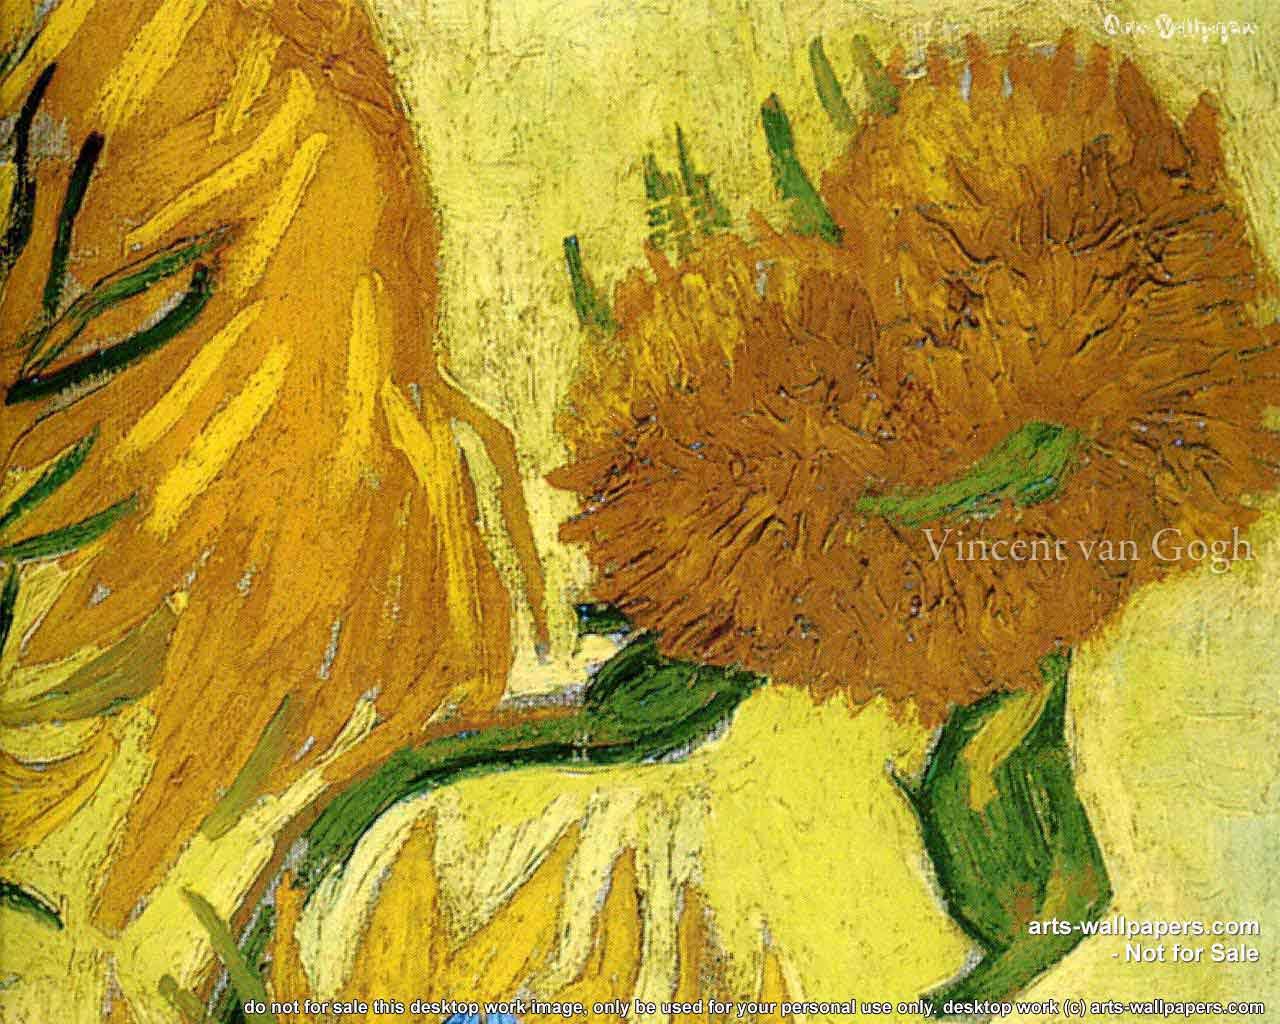 Art Wallpapers Vincent Van Gogh Wallpapers 1280x1024